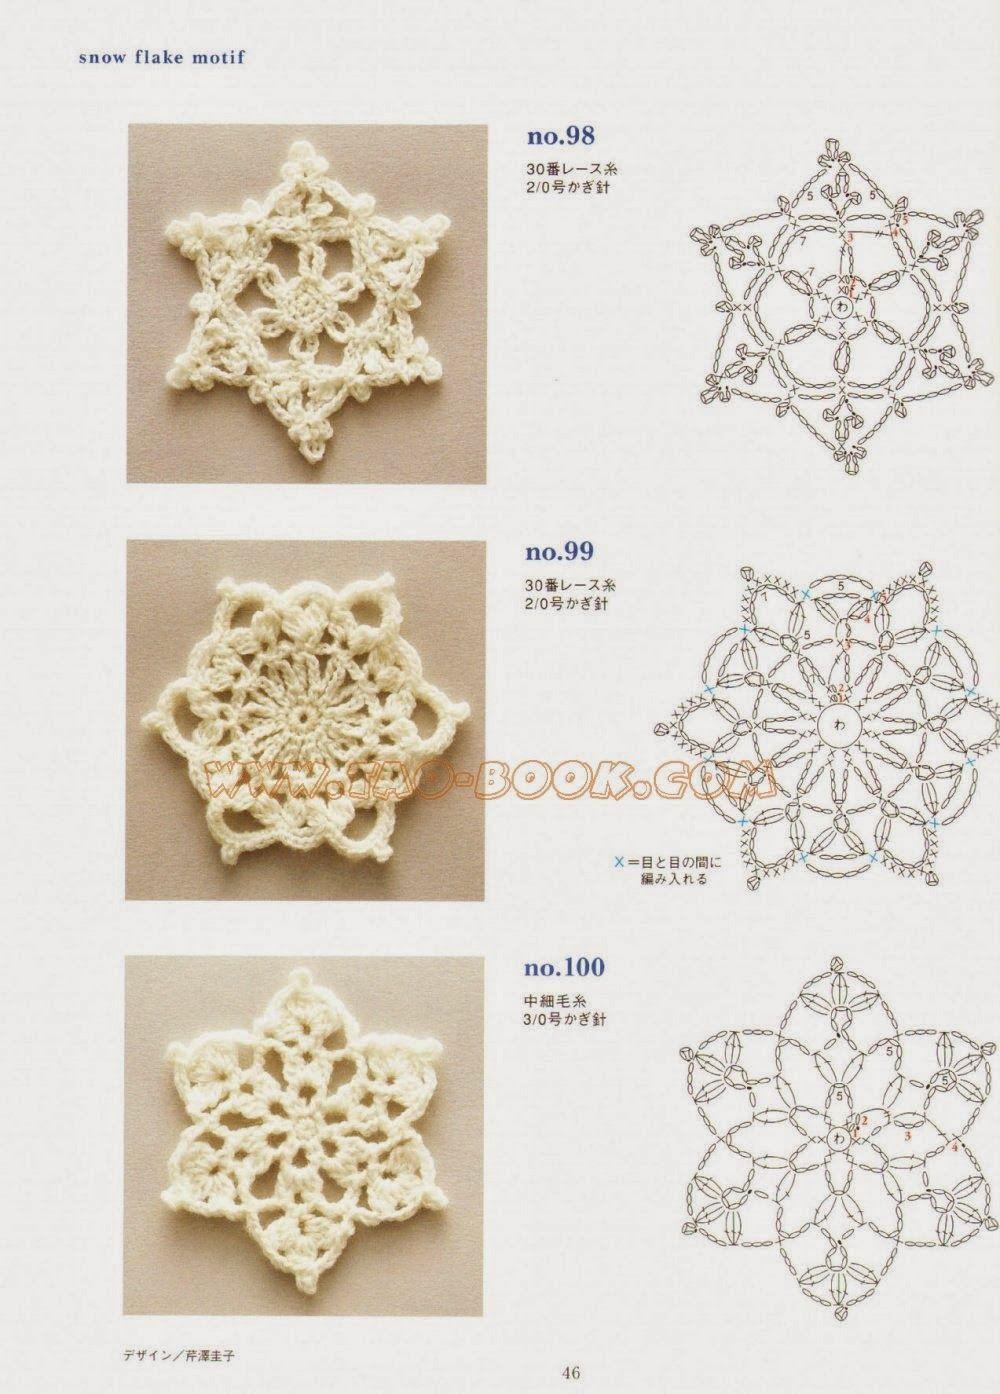 szydelkowe motywy | crochet | Pinterest | Ganchillo, Carpeta y Tejido